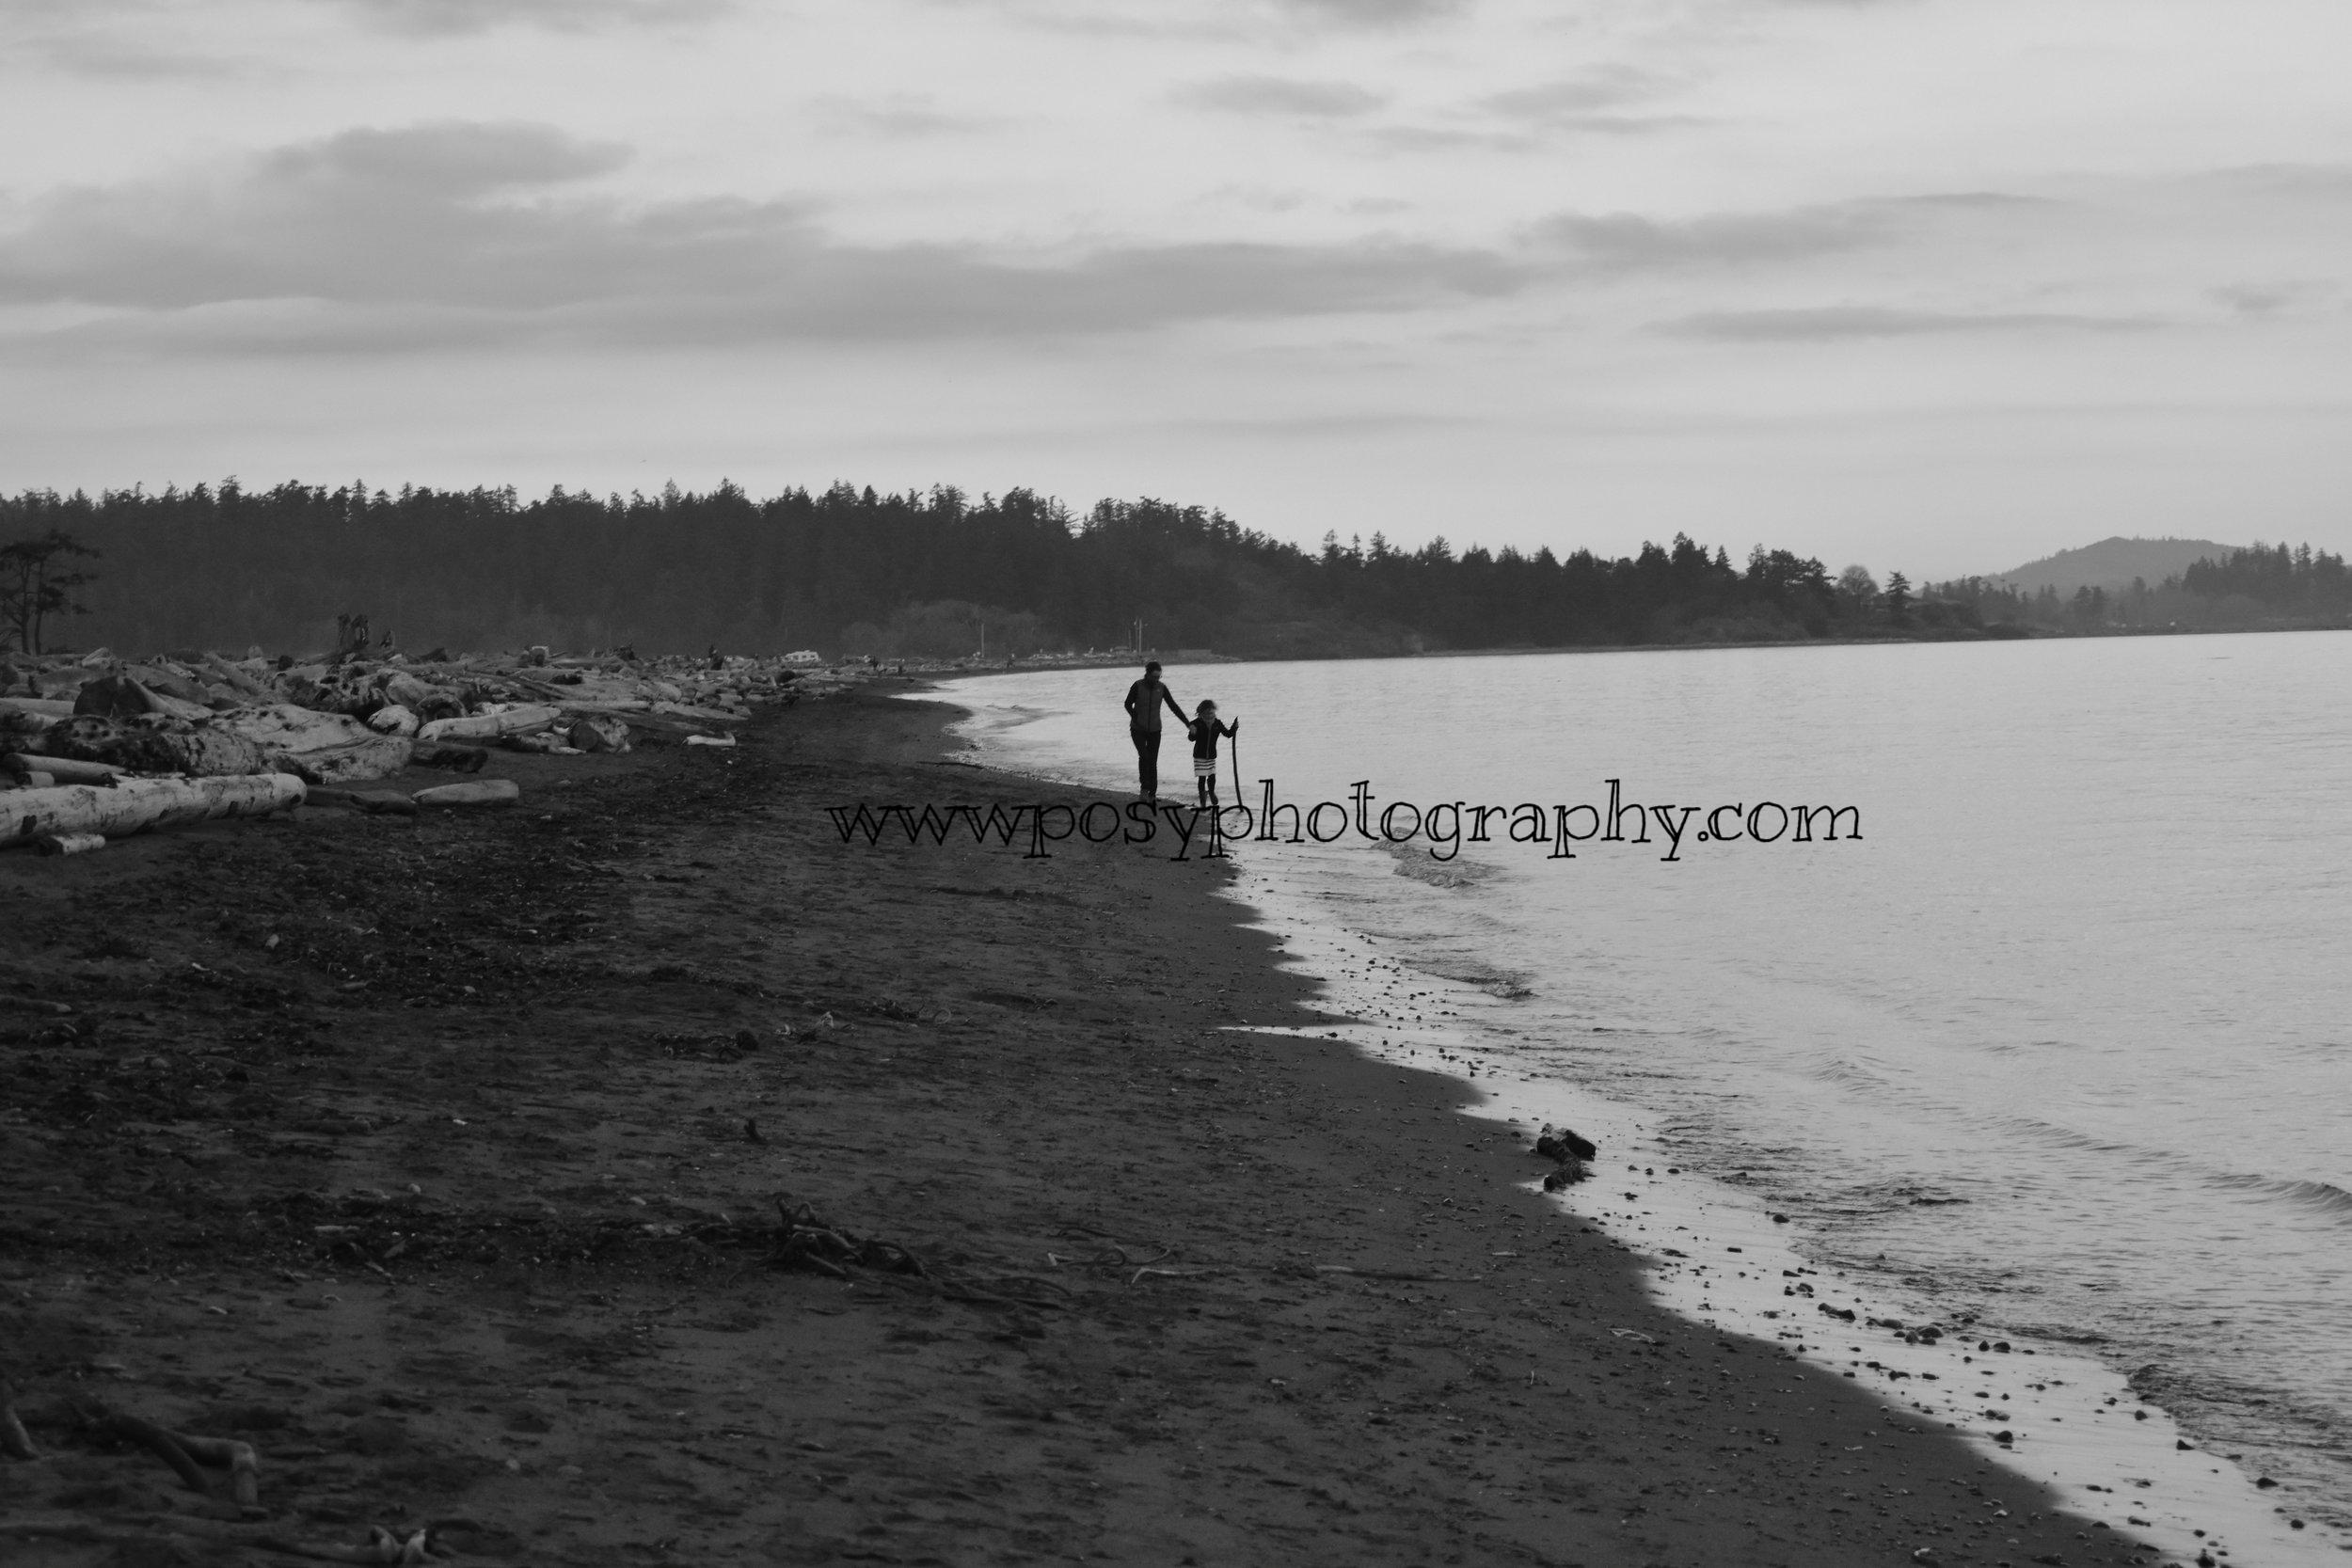 Family portrait - Esquimalt Lagoon, BC